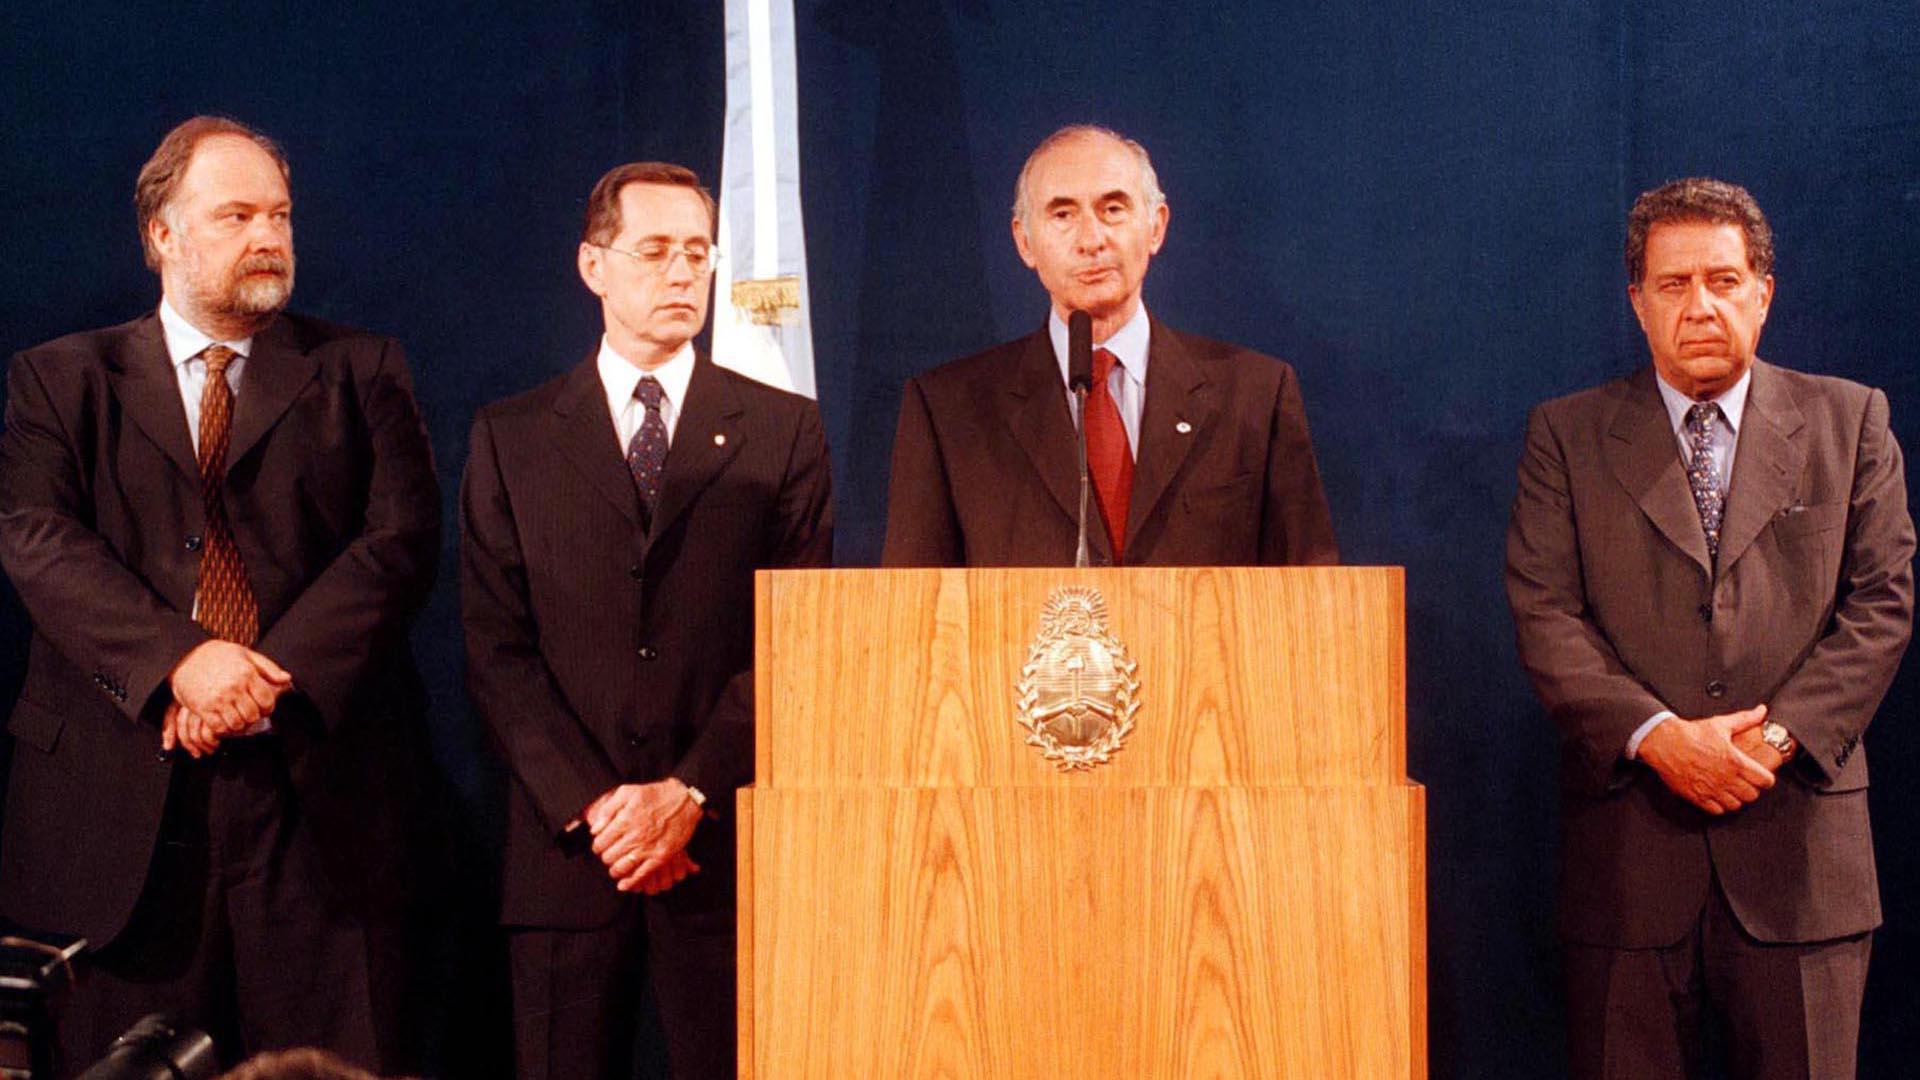 El presidente Fernando de la Rúa dirige un mensaje a la población acompañado por los ministros Colombo, Giavarini y el secretario Nicolás Gallo